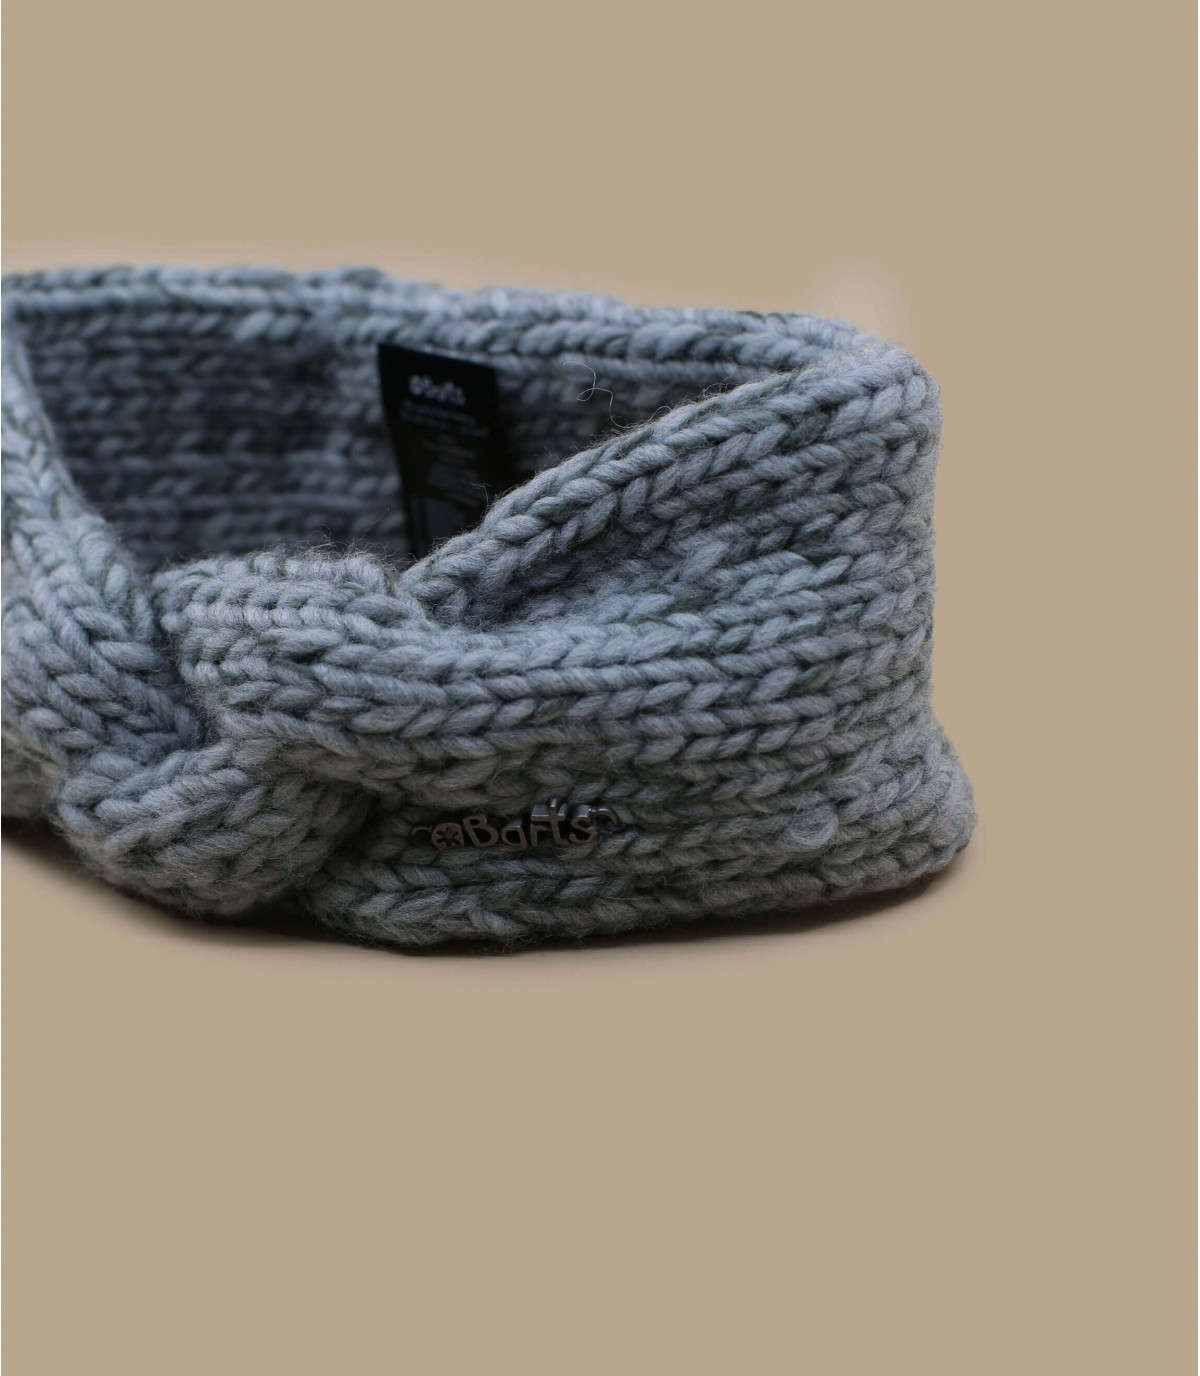 3194090ce627cf Stirnband geflochten grau Mädchen - Tara Headband Girls heather grey Barts  - Abbildung ...